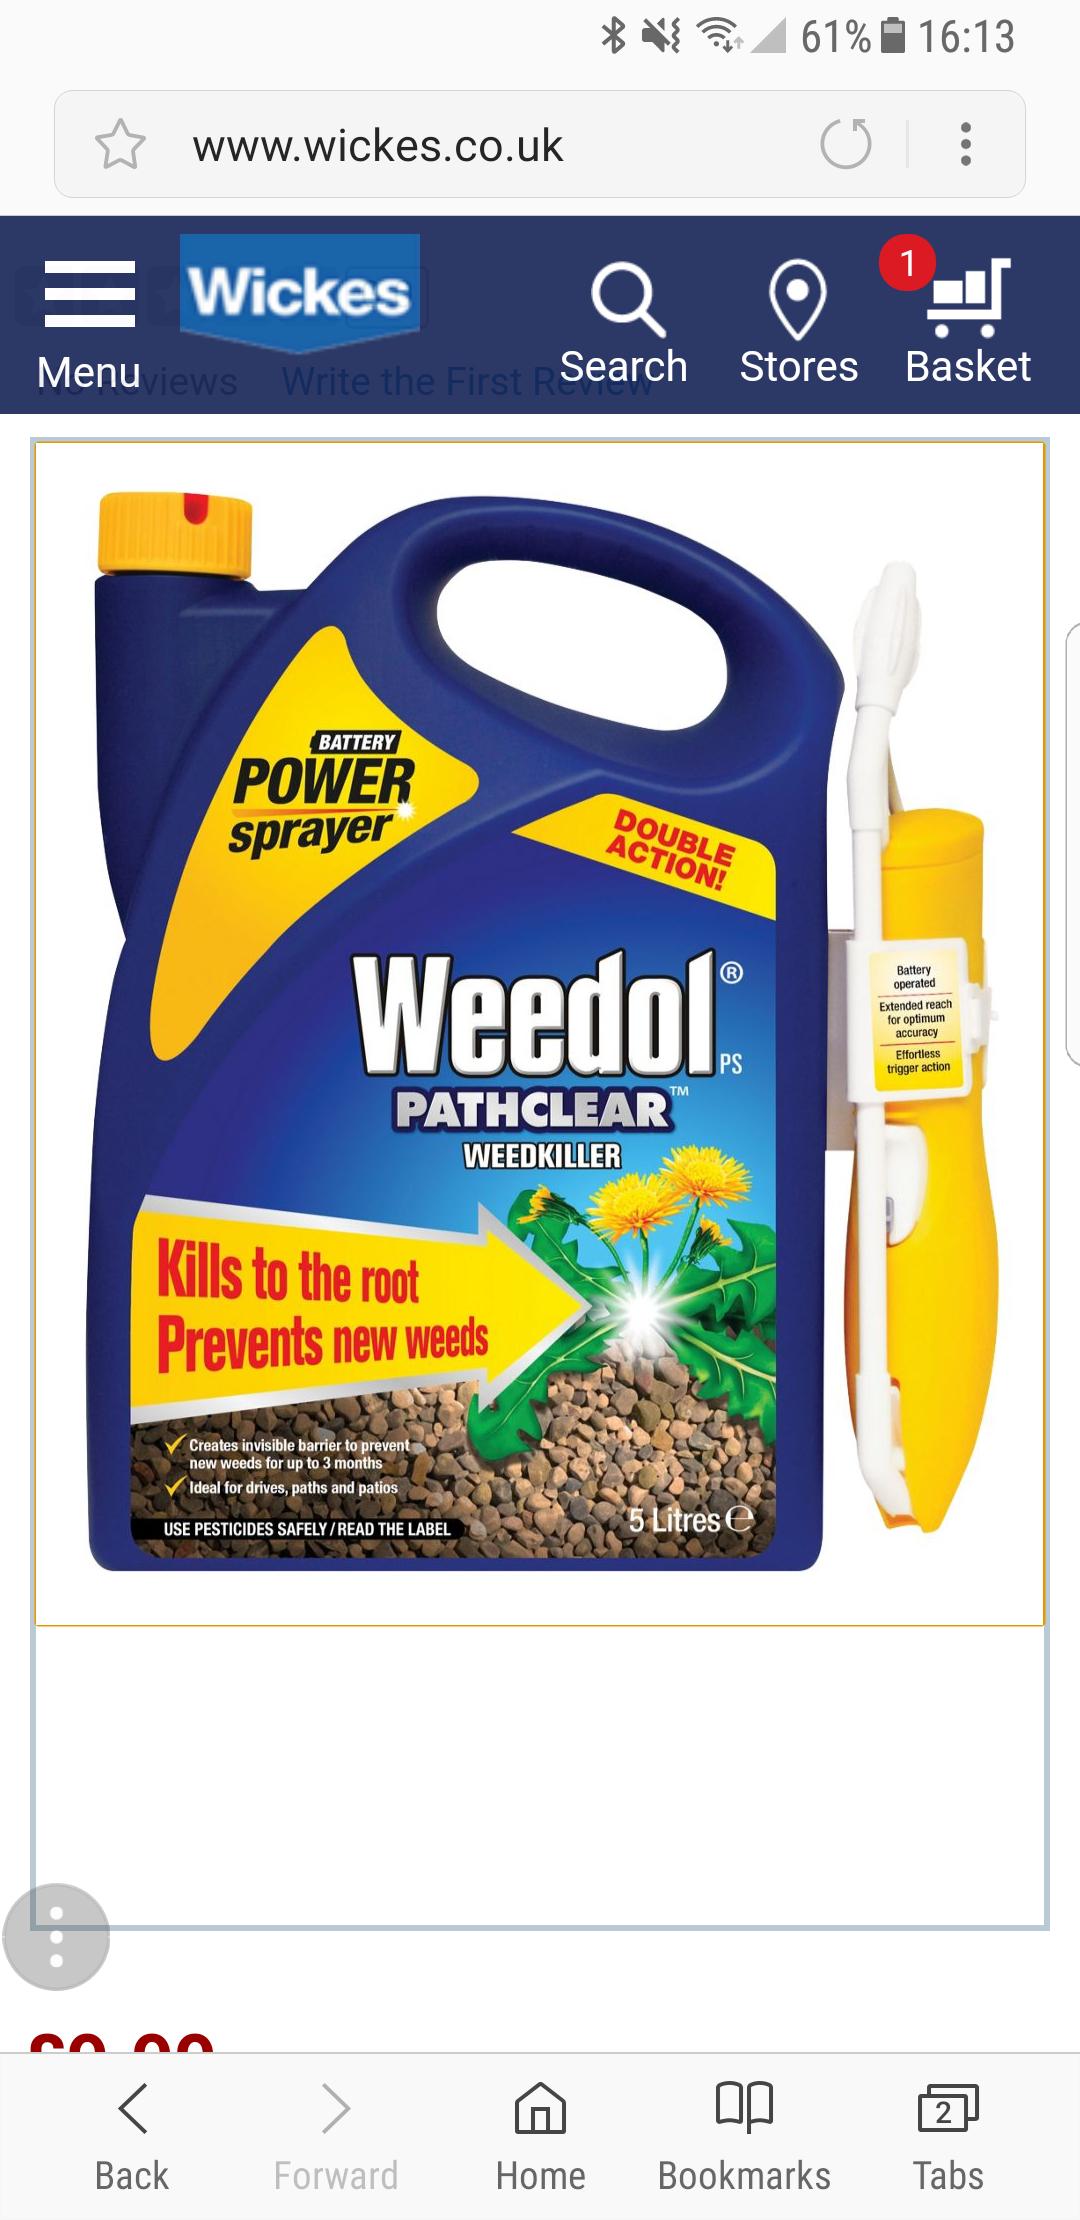 Weedol 5l weedkiller £9.99 @ Wickes